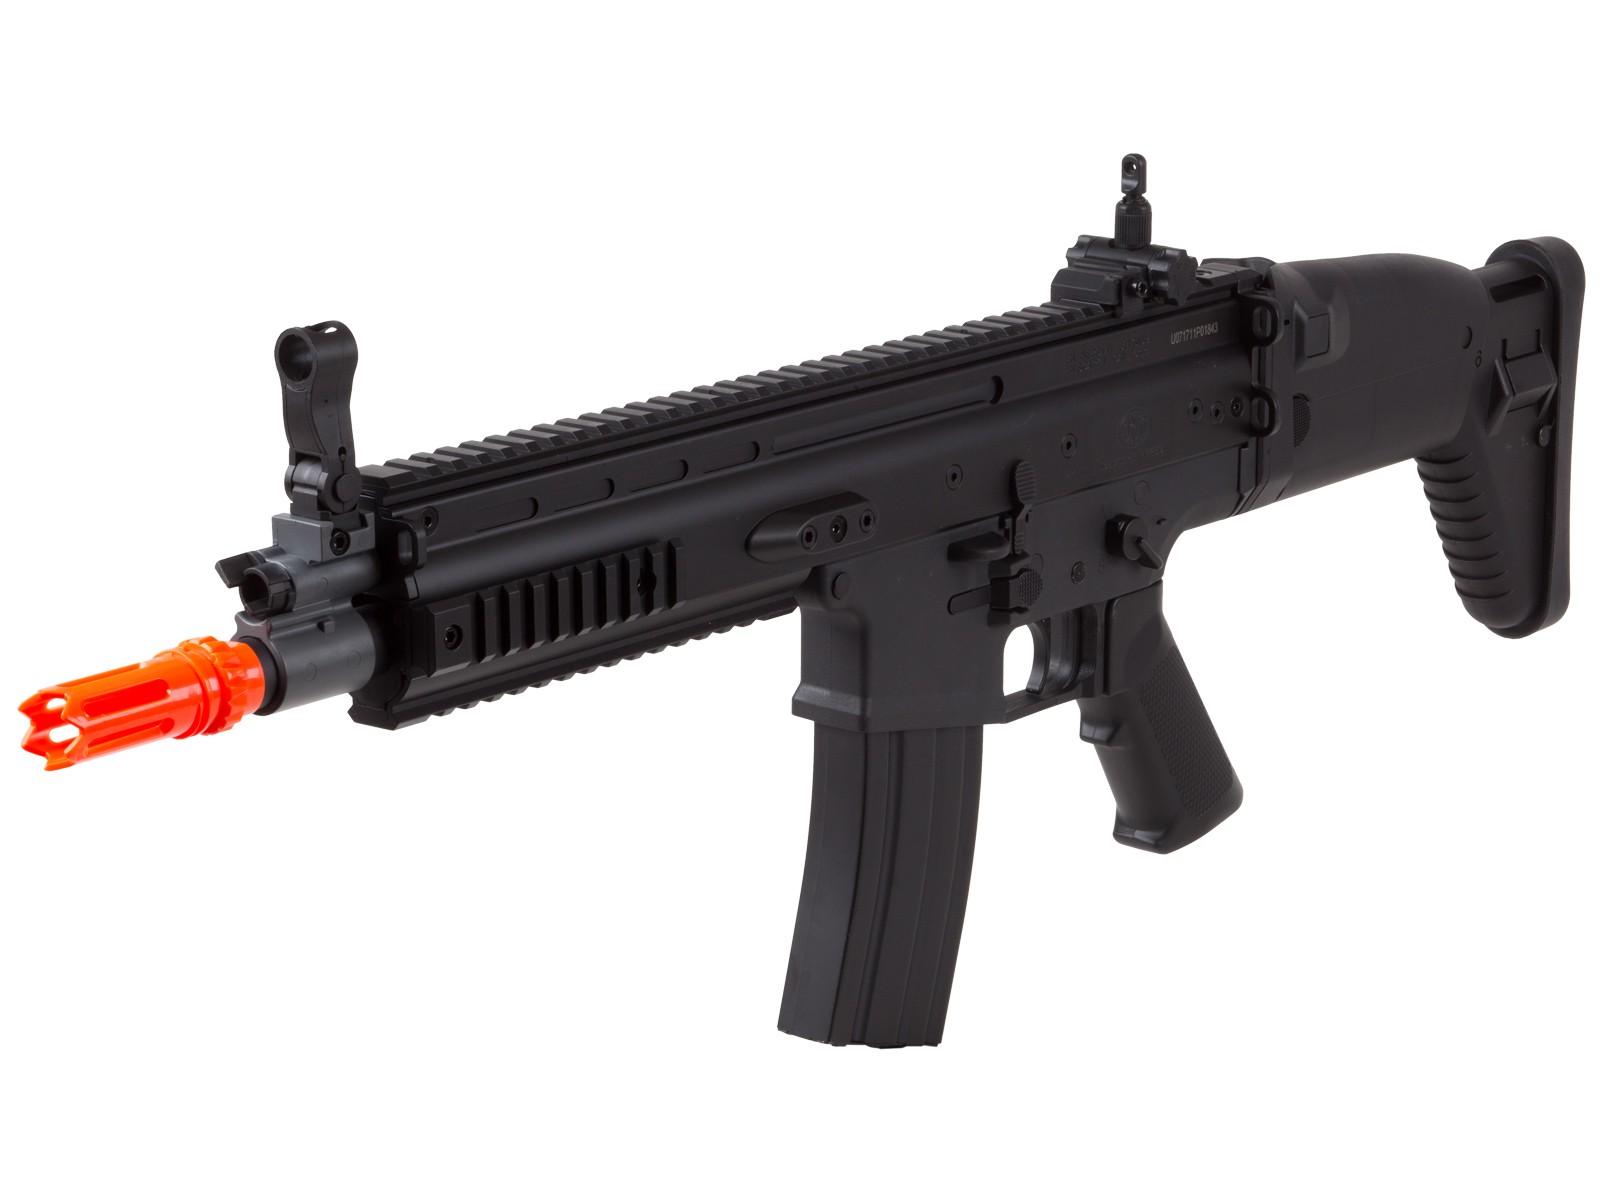 FN_SCARL_AEG_Airsoft_Rifle_Black_6mm